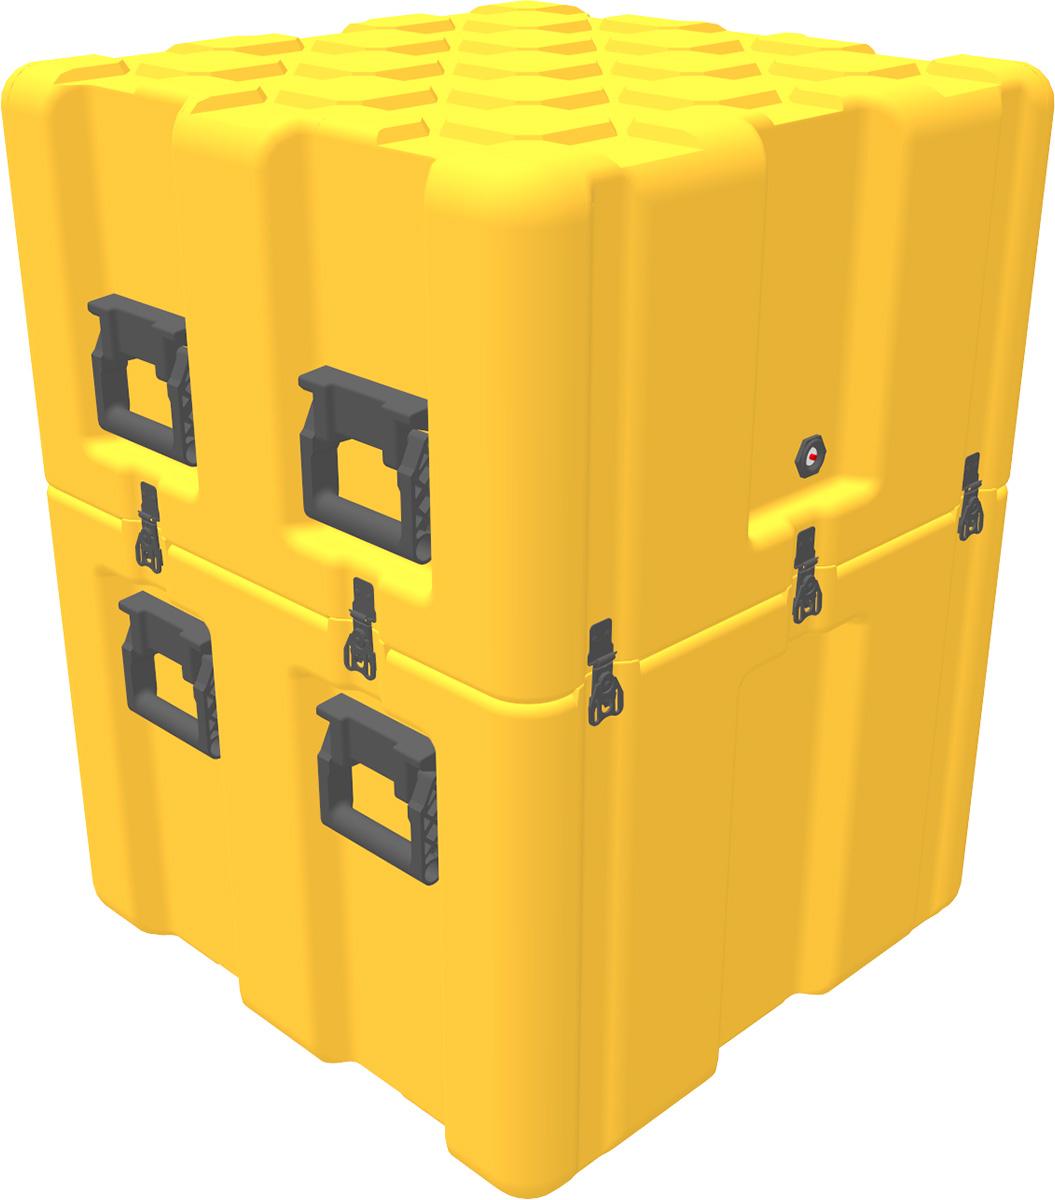 peli eu070070 5040 isp2 shipping case